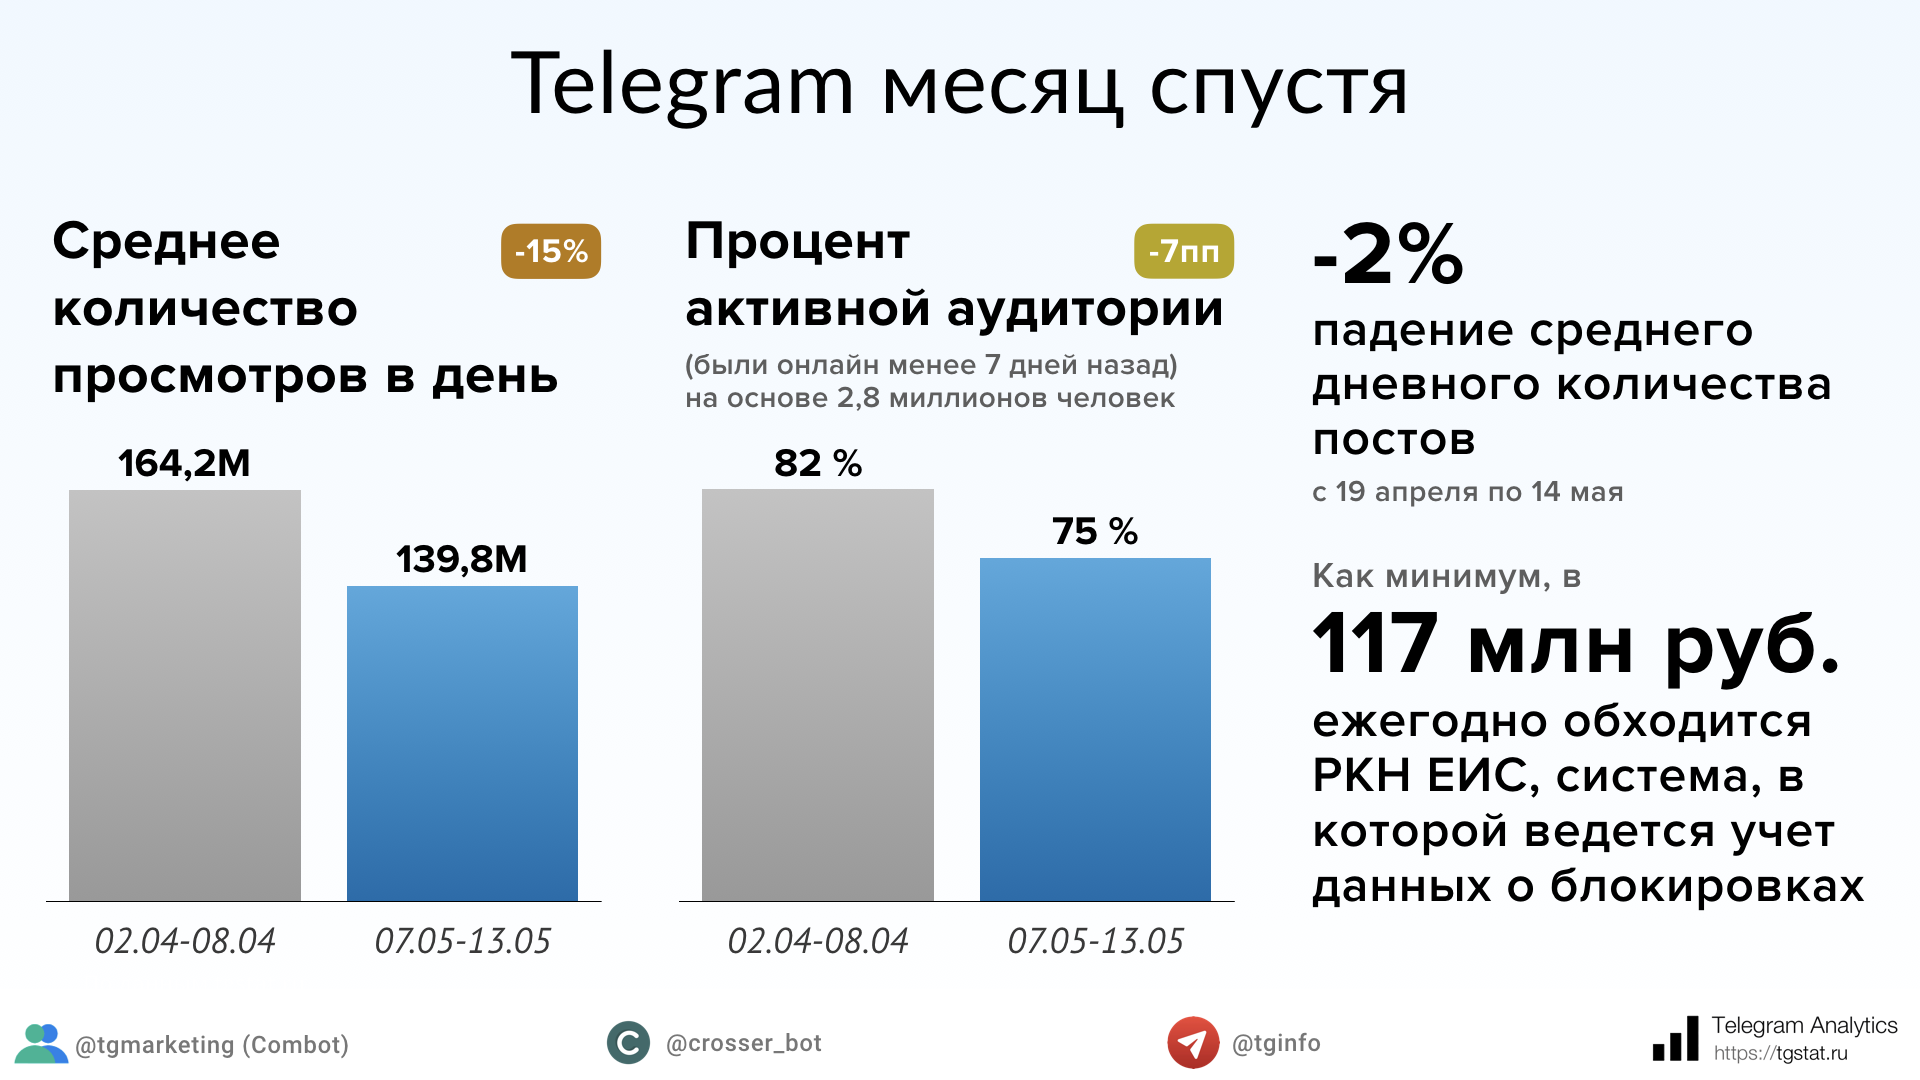 Неменее 50 правозащитных компаний потребовали от русских властей отменить блокировку Telegram